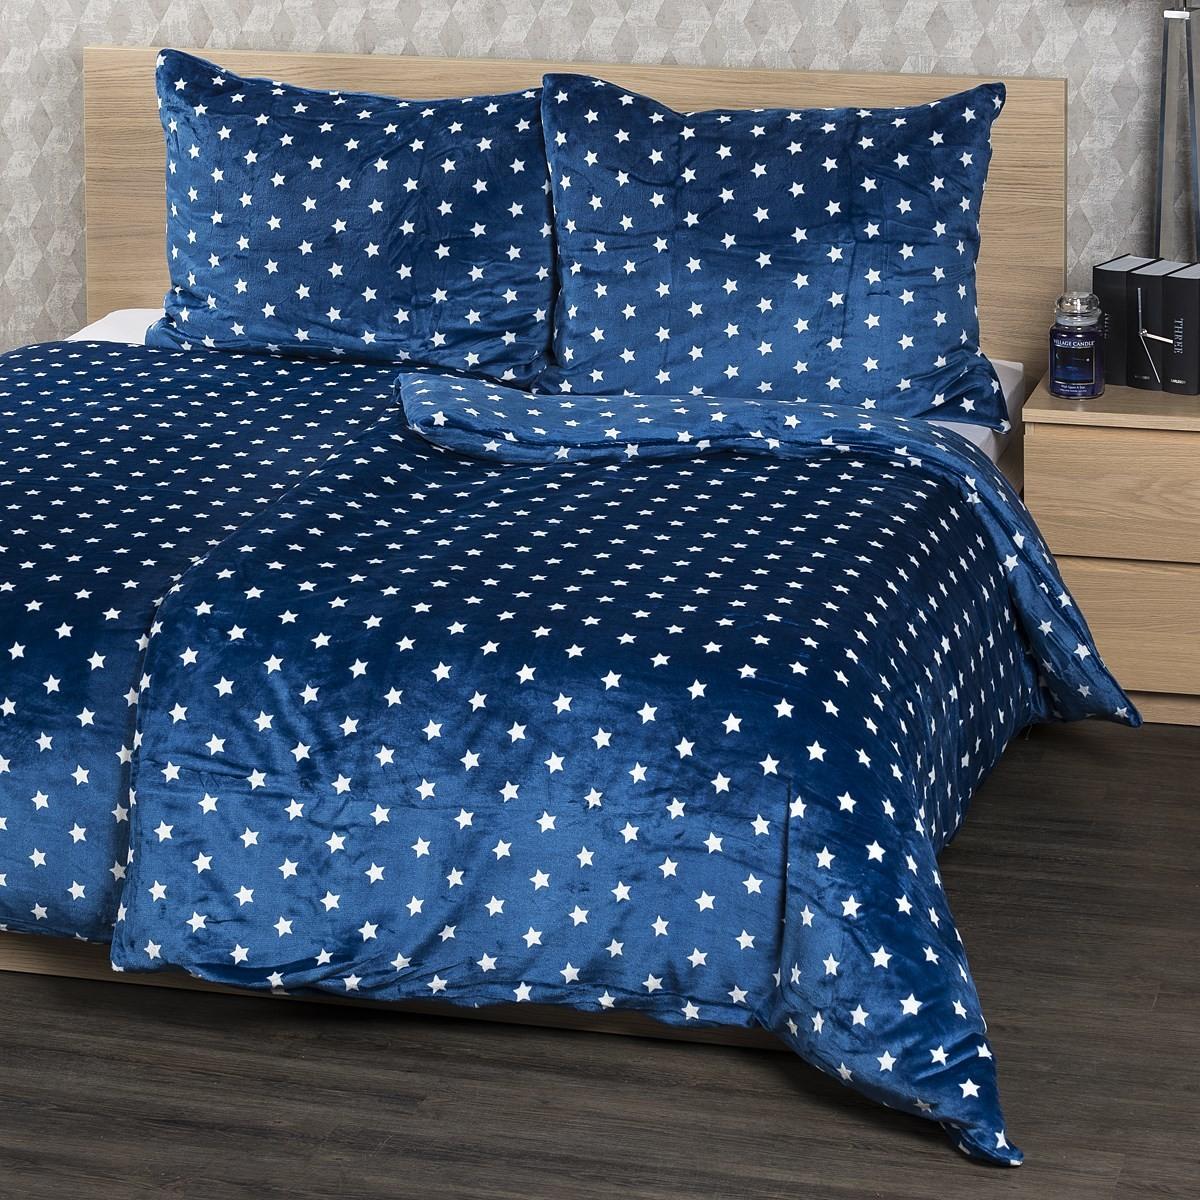 4Home pościel mikroflanela Stars niebieski, 140x200 cm, 70 x 90 cm, 140 x 200 cm, 70 x 90 cm